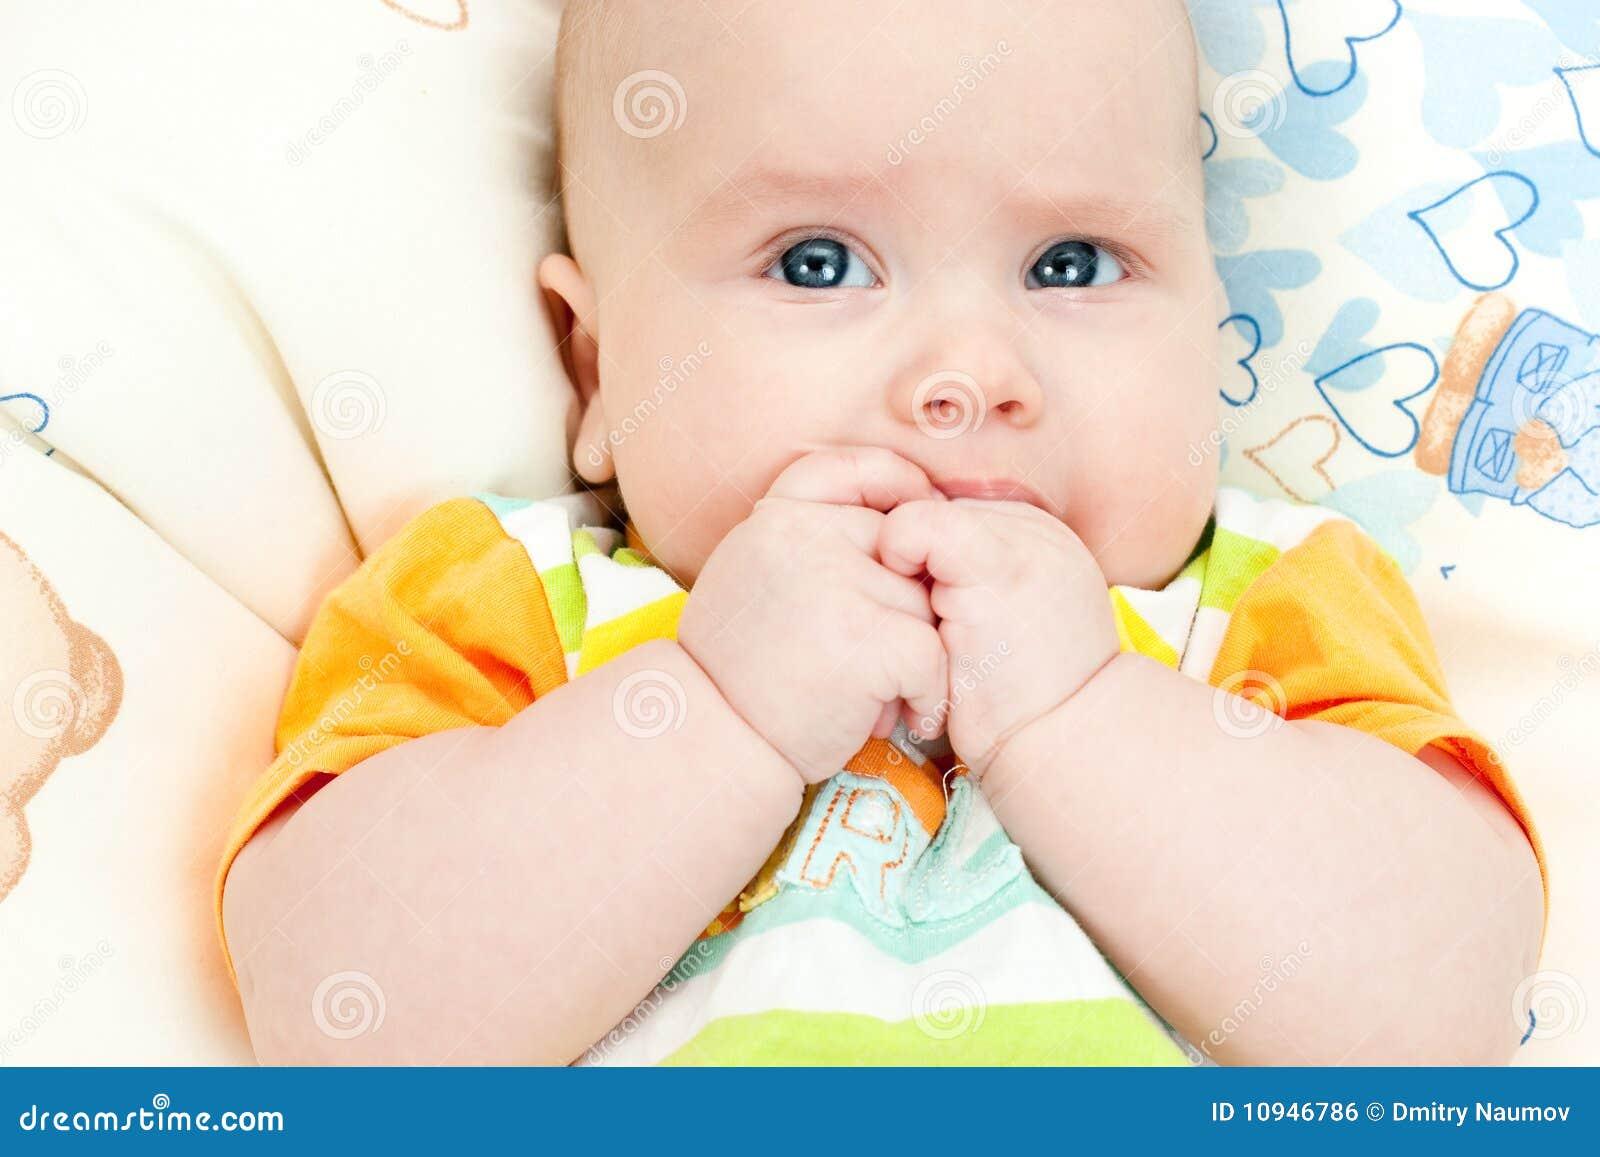 вручает младенческий рот